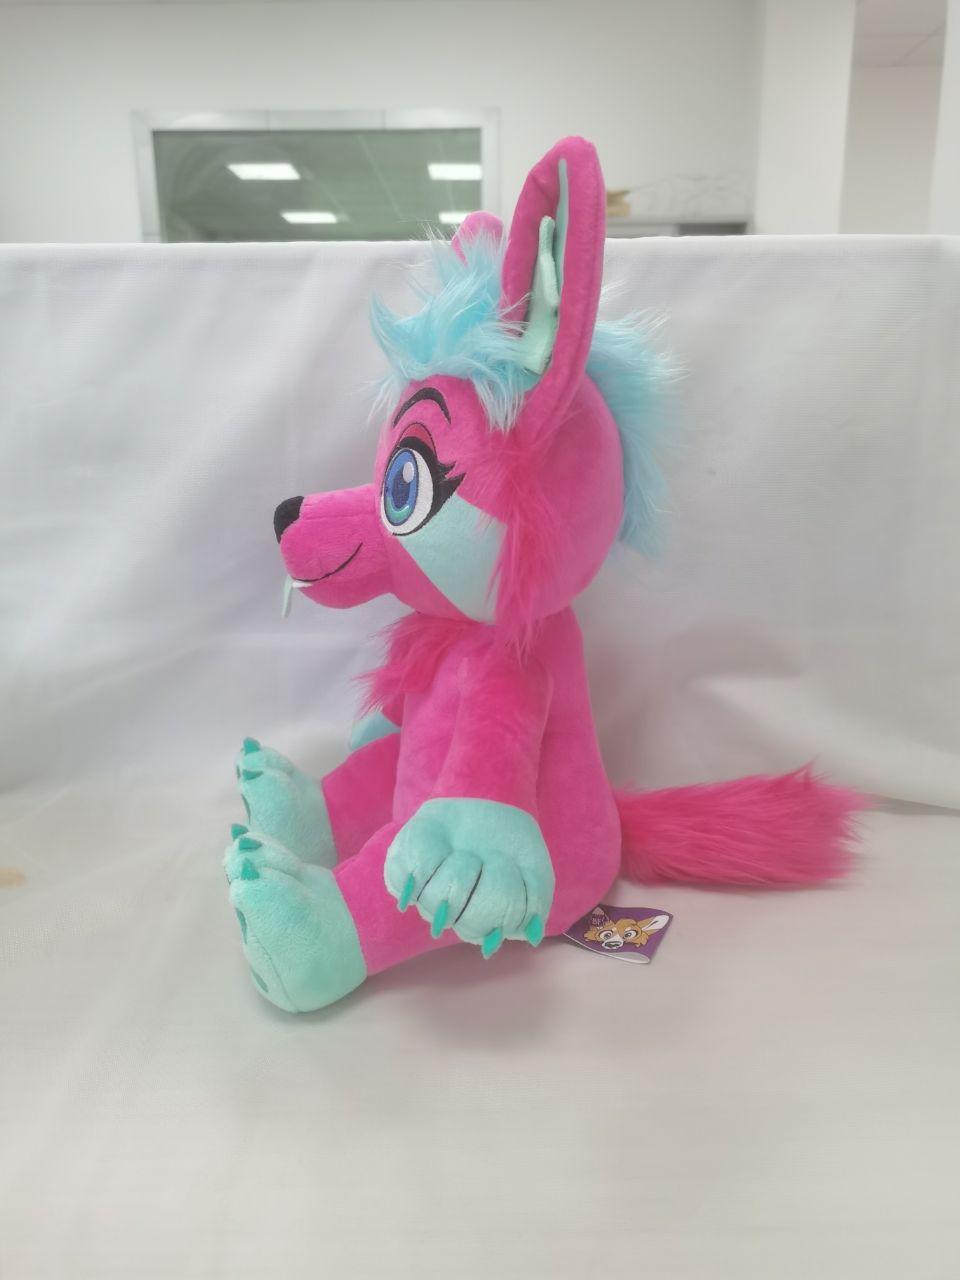 Image of Ragehound Plush